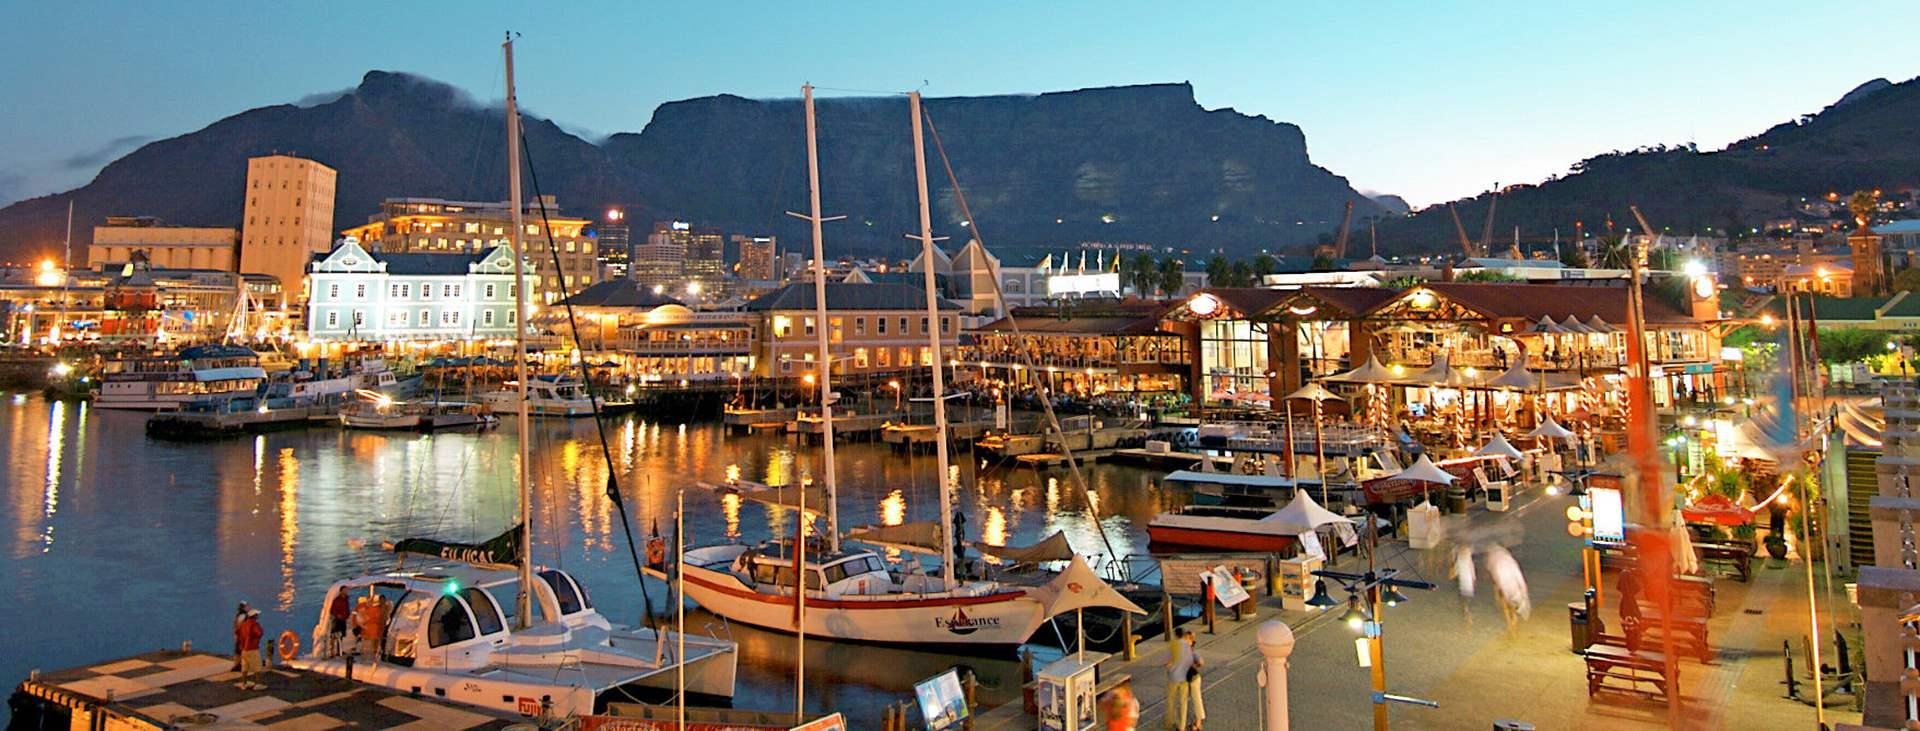 Boka en resa till Kapstaden i Sydafrika. Här kan du njuta av vita stränder, vacker natur, gott vin och bra golf.